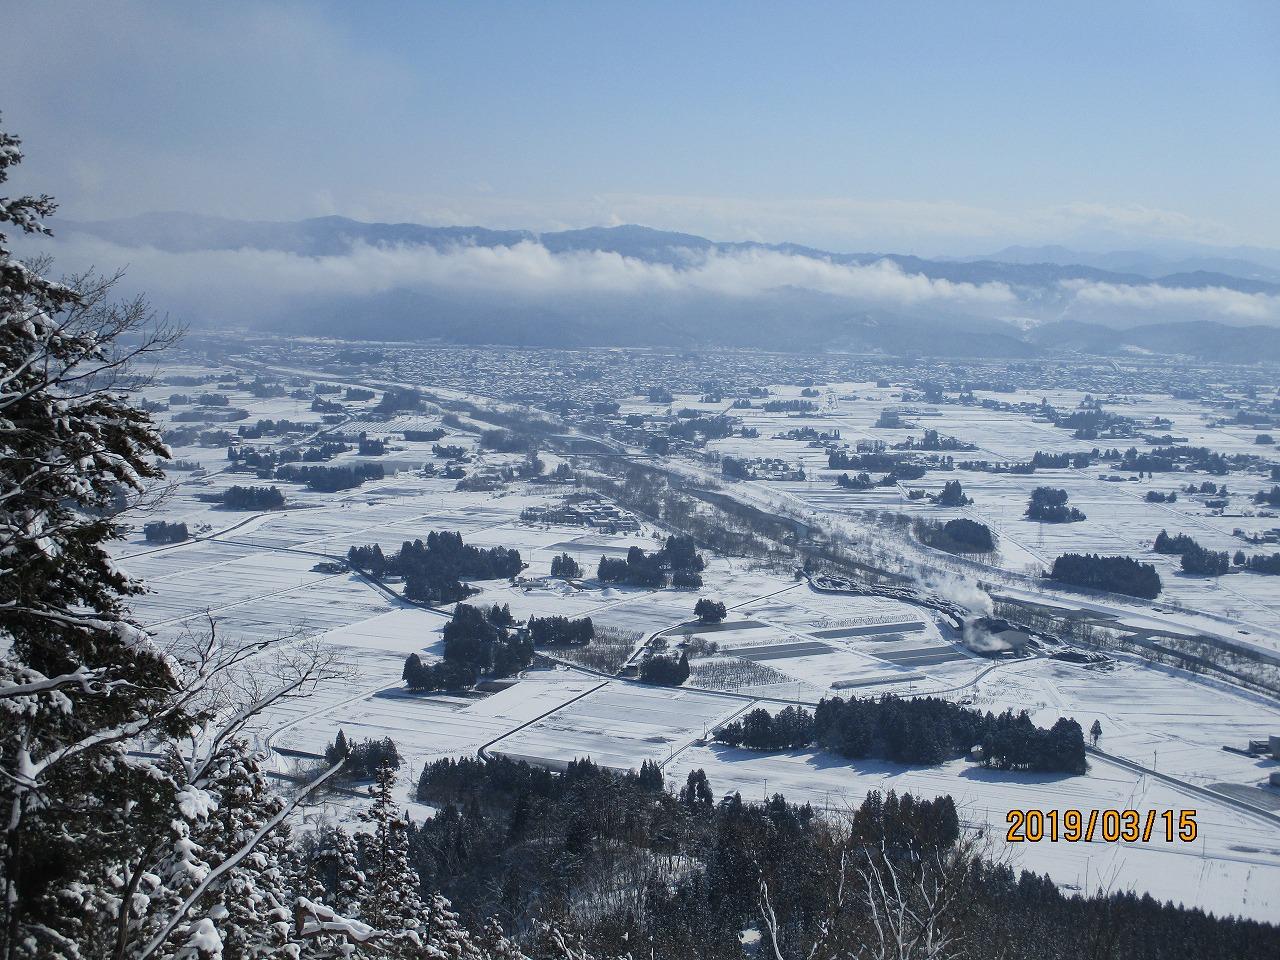 雪景色の長井〜ひのき峰方面から〜:画像